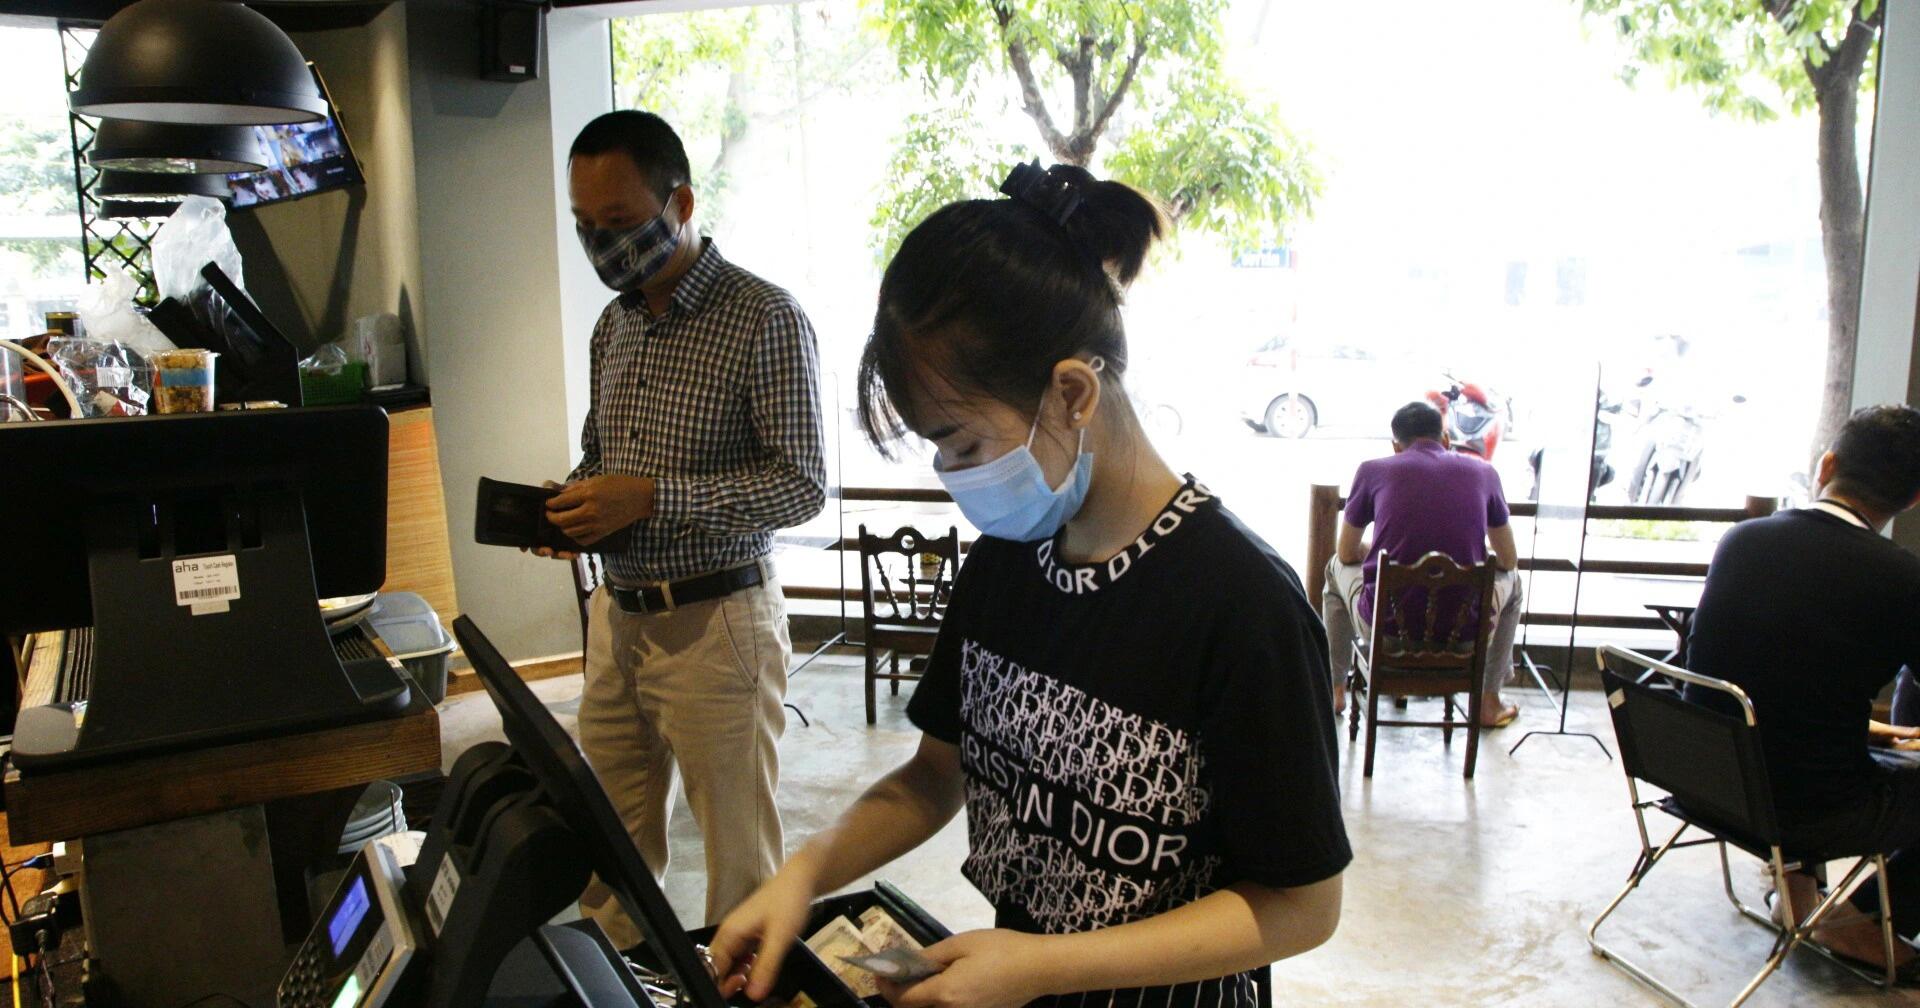 Hà Nội: Đông khách, nhân viên chạy bàn kiêm thu ngân sau ngày nới lỏng…